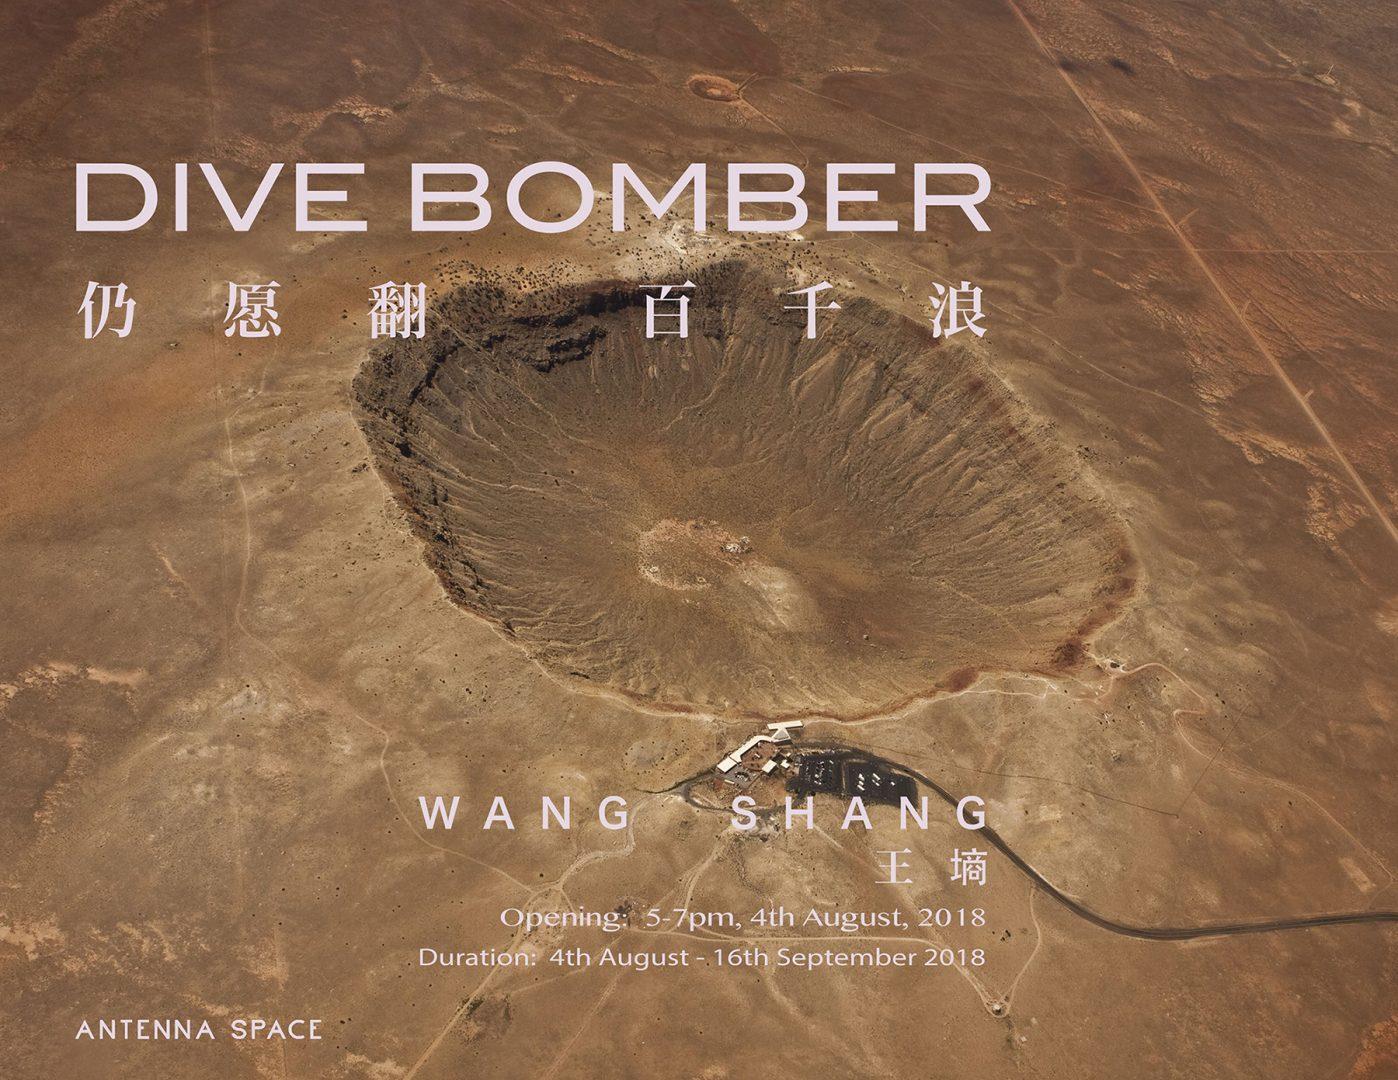 Wang Shang:Dive Bomber